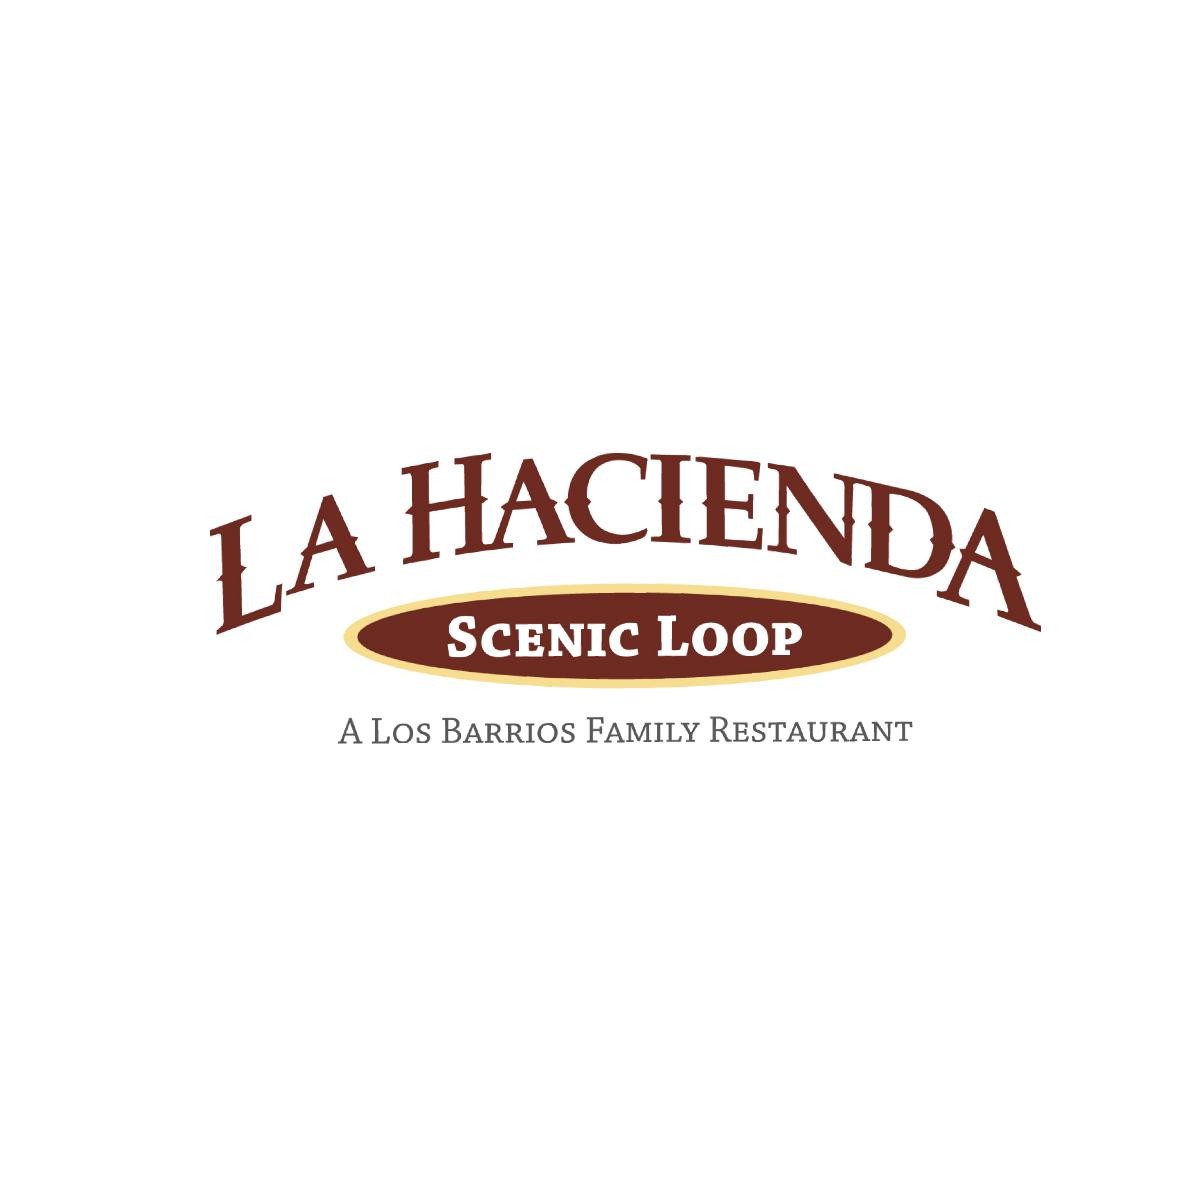 La Hacienda Scenic Loop image